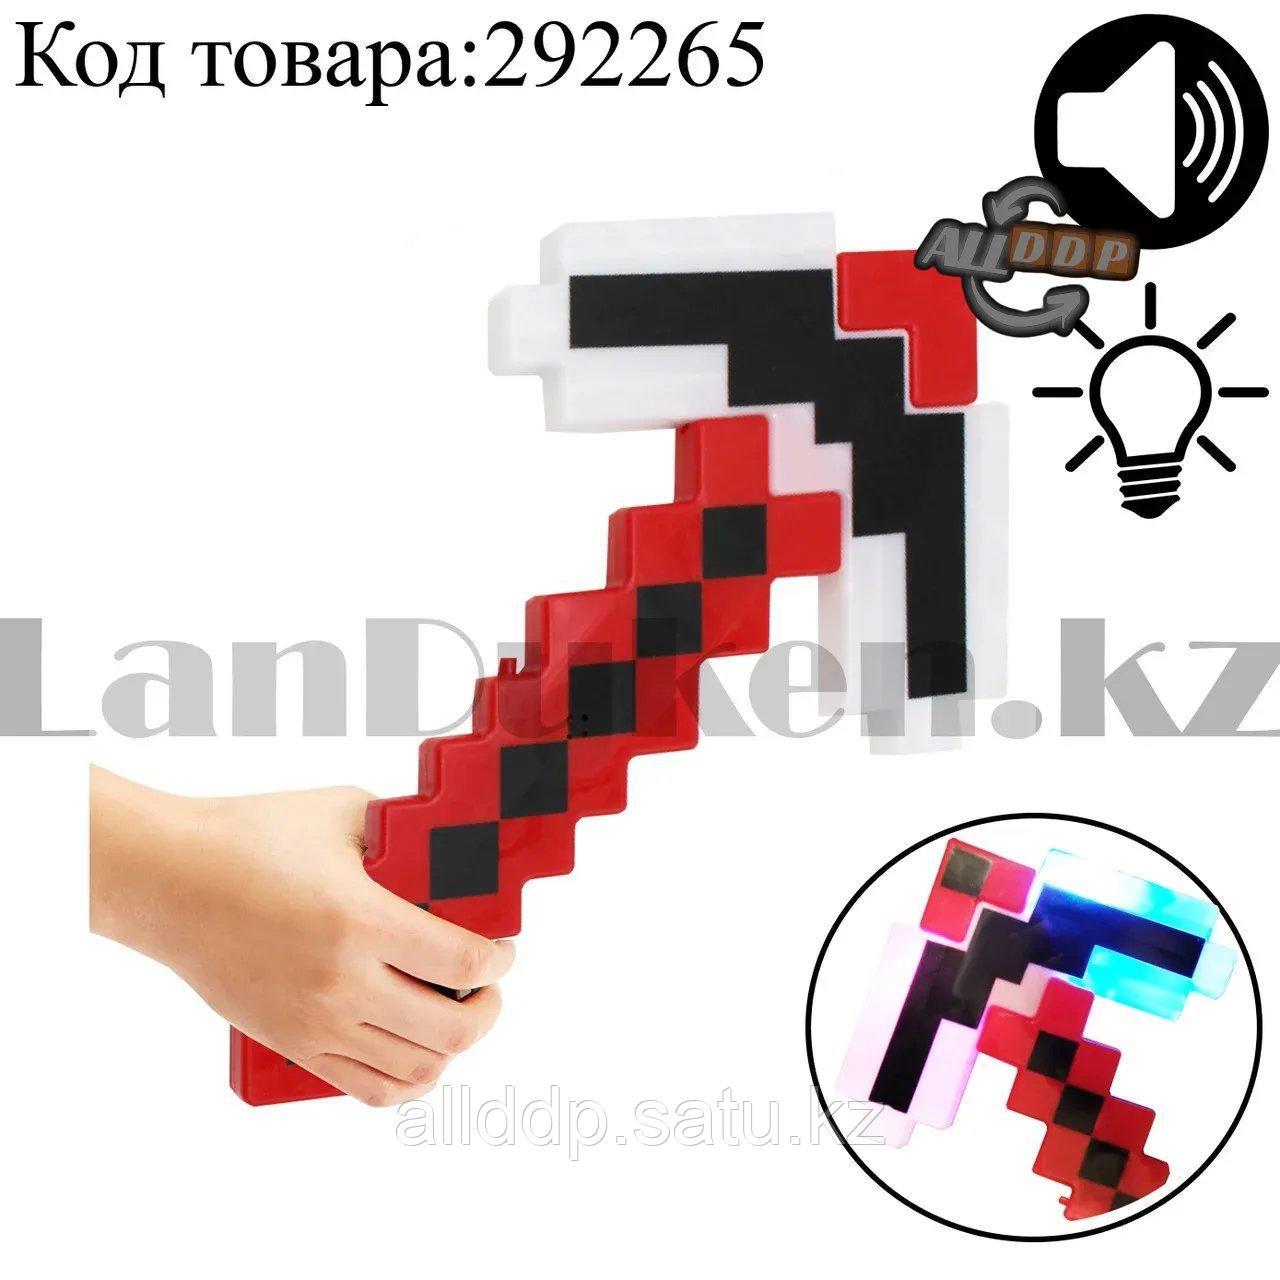 Кирка из Майнкрафта (Minecraft) со звуковым и световым сопровождением красного цвета